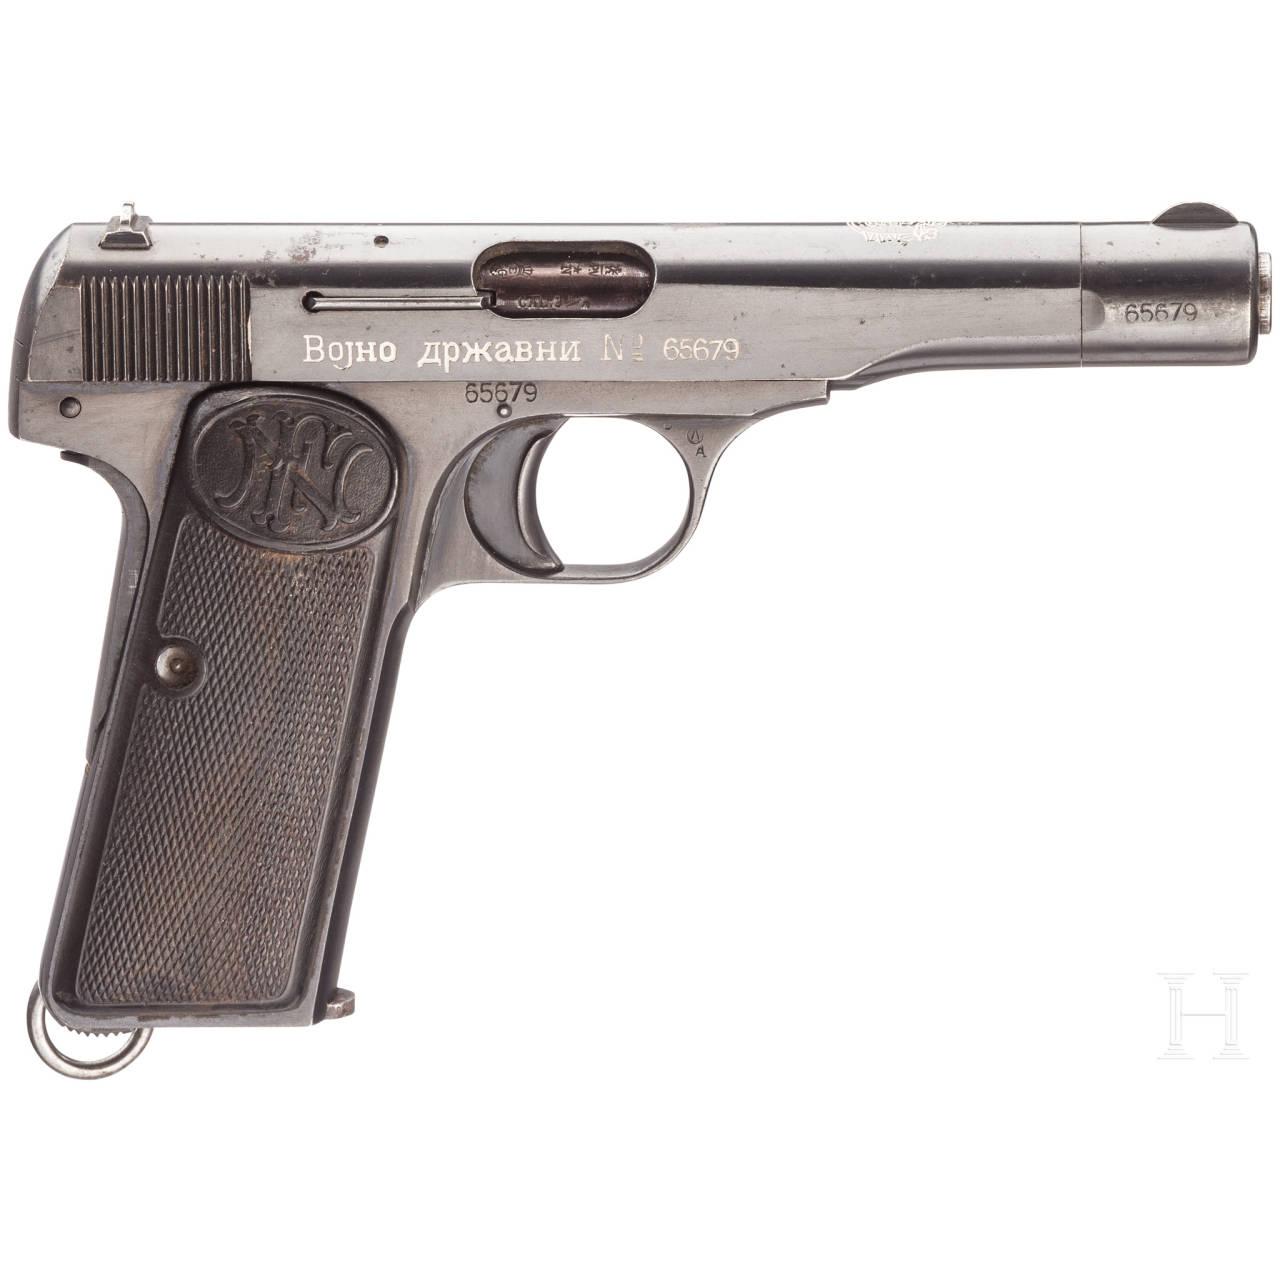 FN Mod. 10/22, Militärkontrakt, mit Tasche